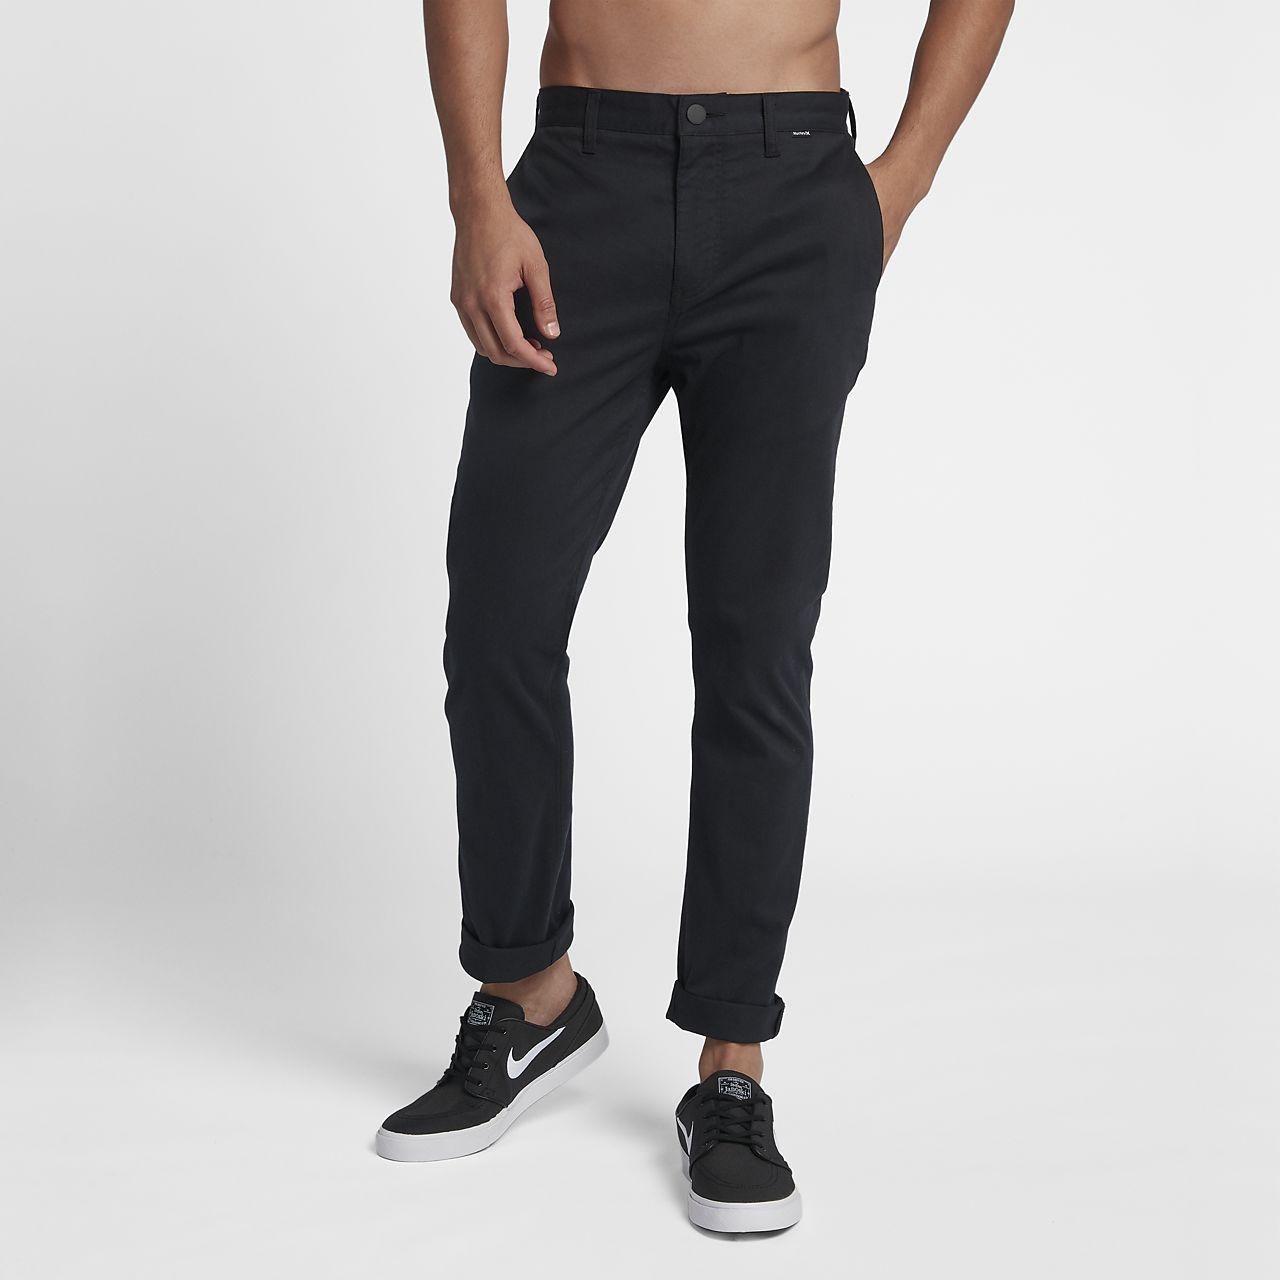 Pantalon Hurley Dri-FIT Worker pour Homme